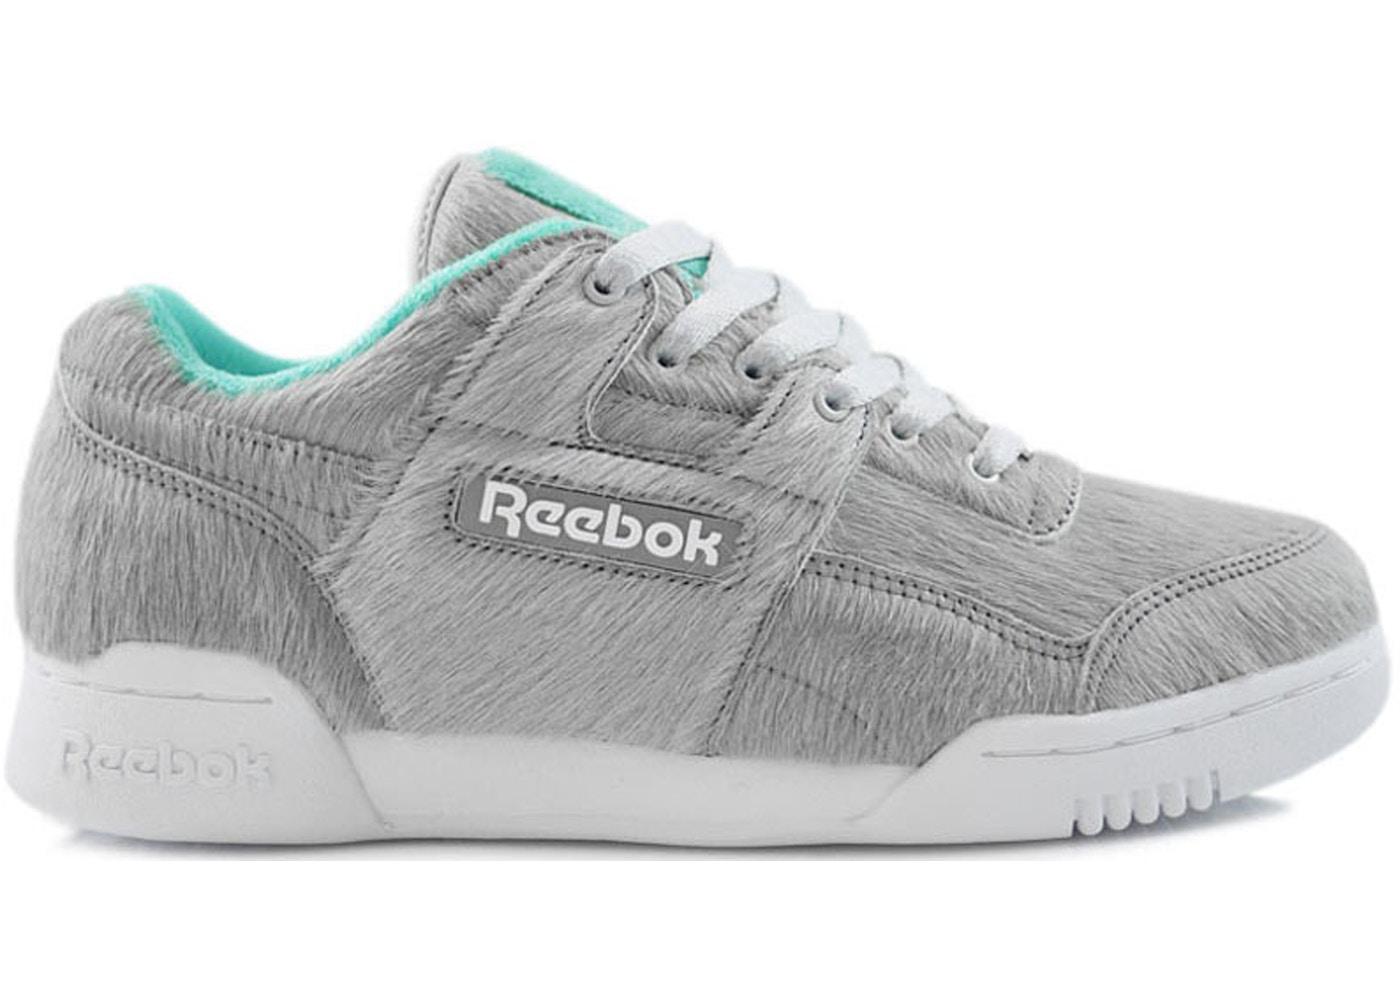 Reebok Workout Plus Patta 25th Anniversary - J89850 070f2ebe2